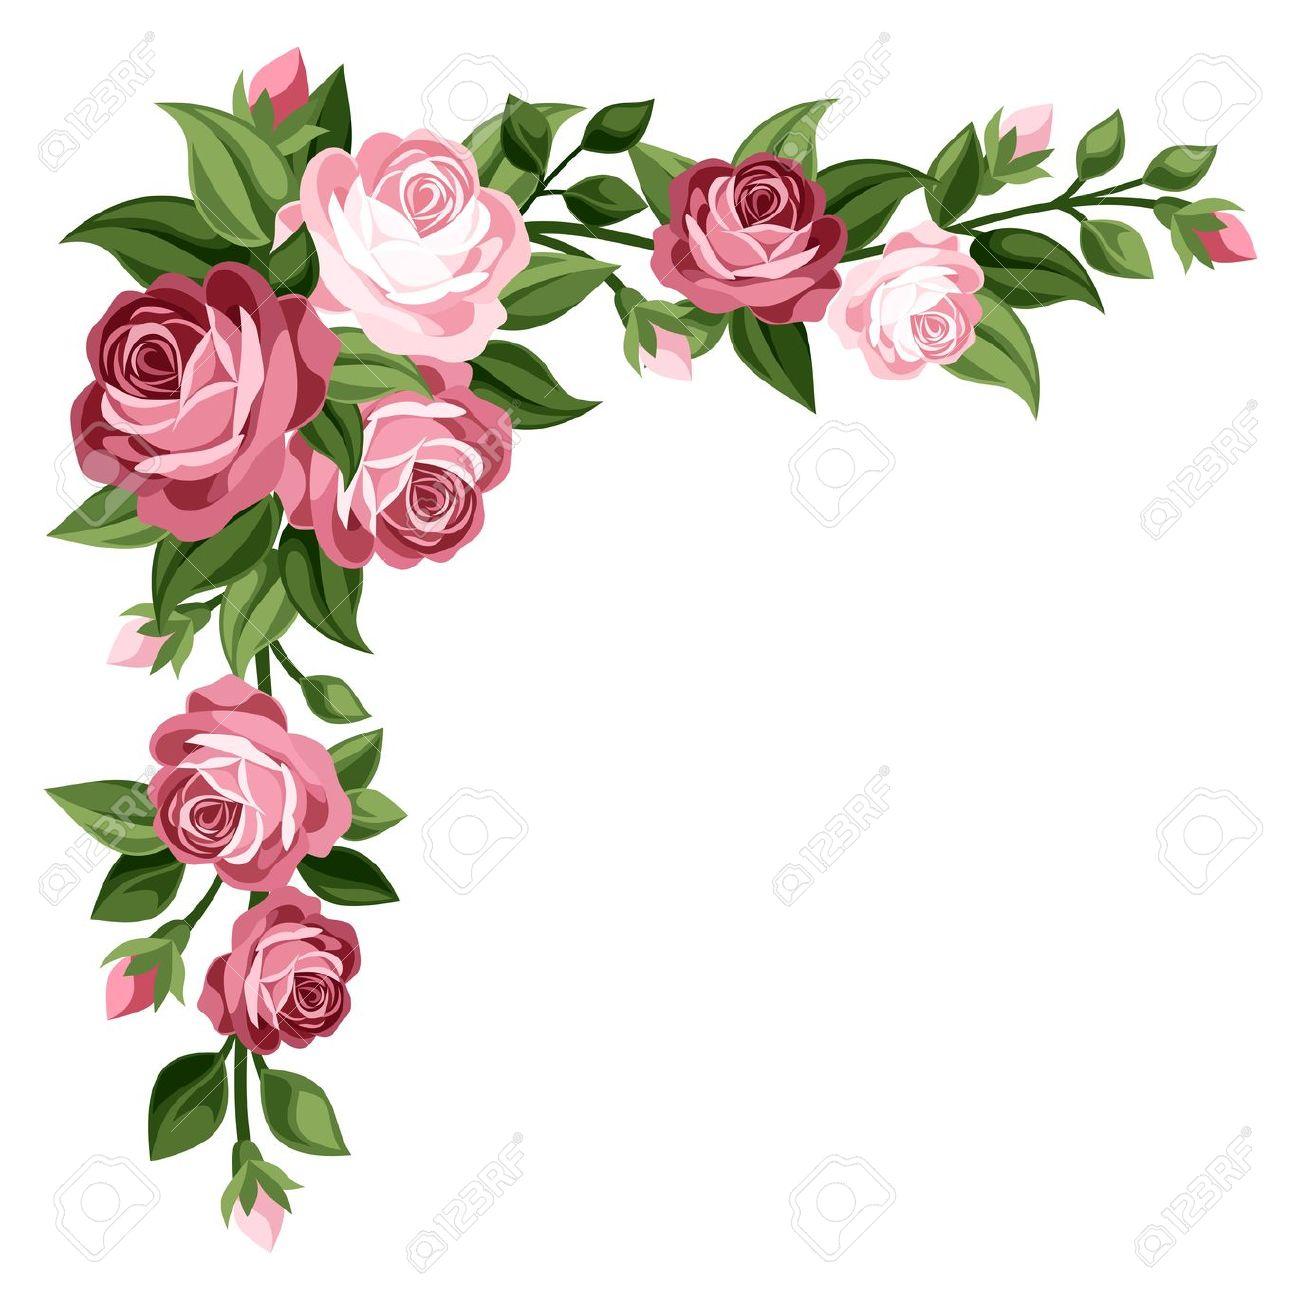 Rose Border Clip Art Gallery-Rose Border Clip Art Gallery-16